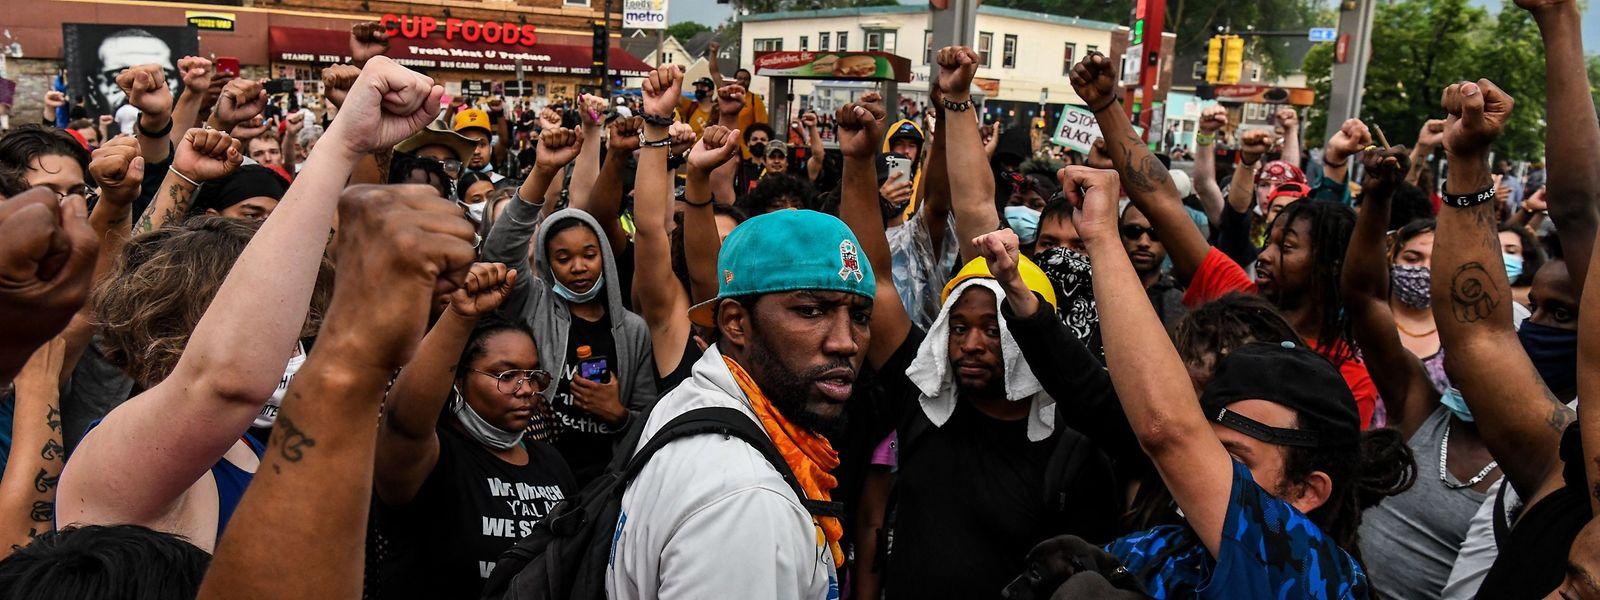 Comme ici à Minneapolis, le déploiement de militaires ou de policiers n'a pas empêché les Américains de protester contre les violences racistes.